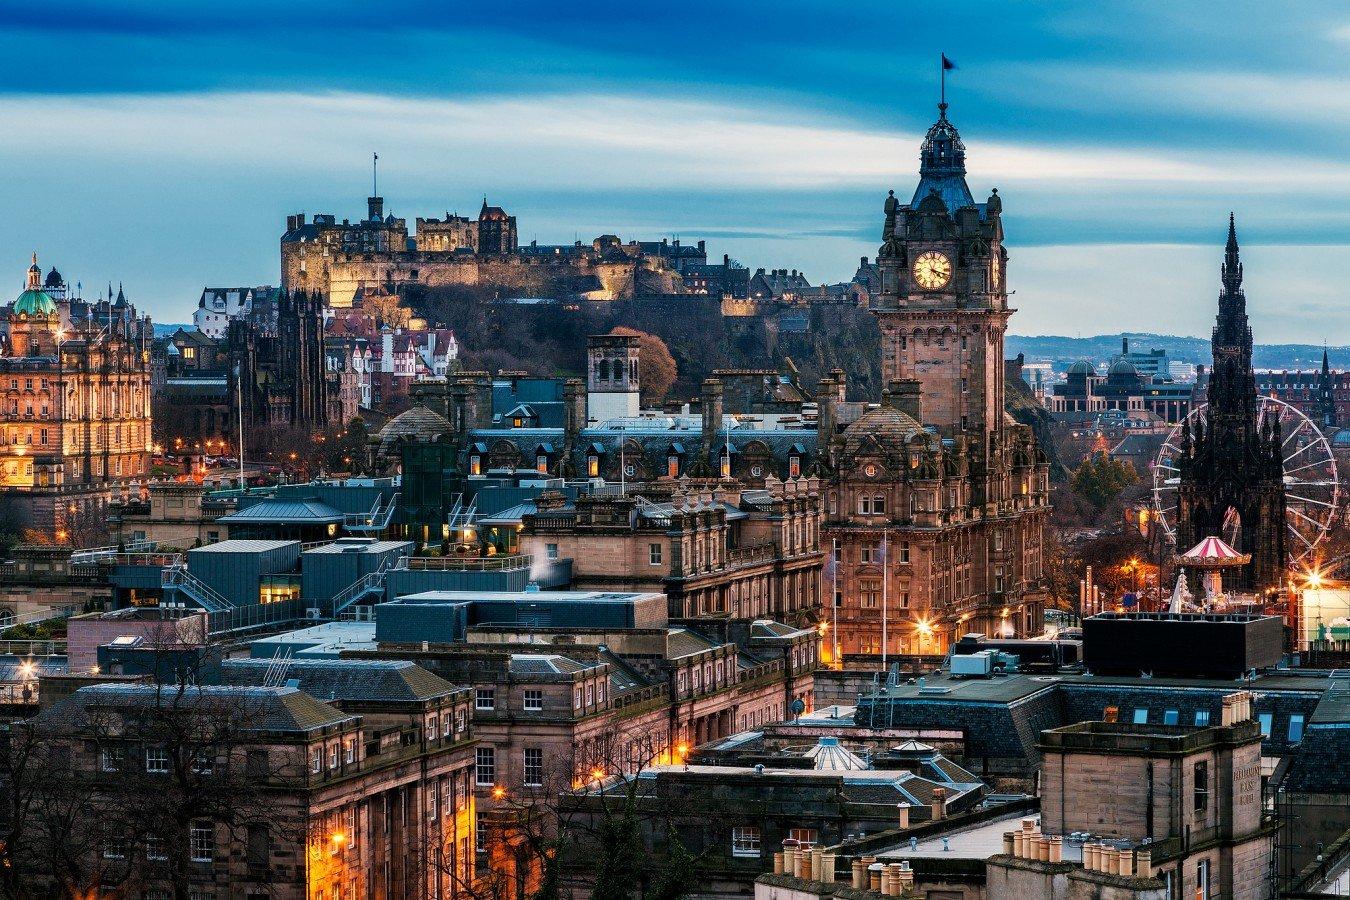 Город с замками и вековыми скелетами: что интересного можно увидеть в Эдинбурге